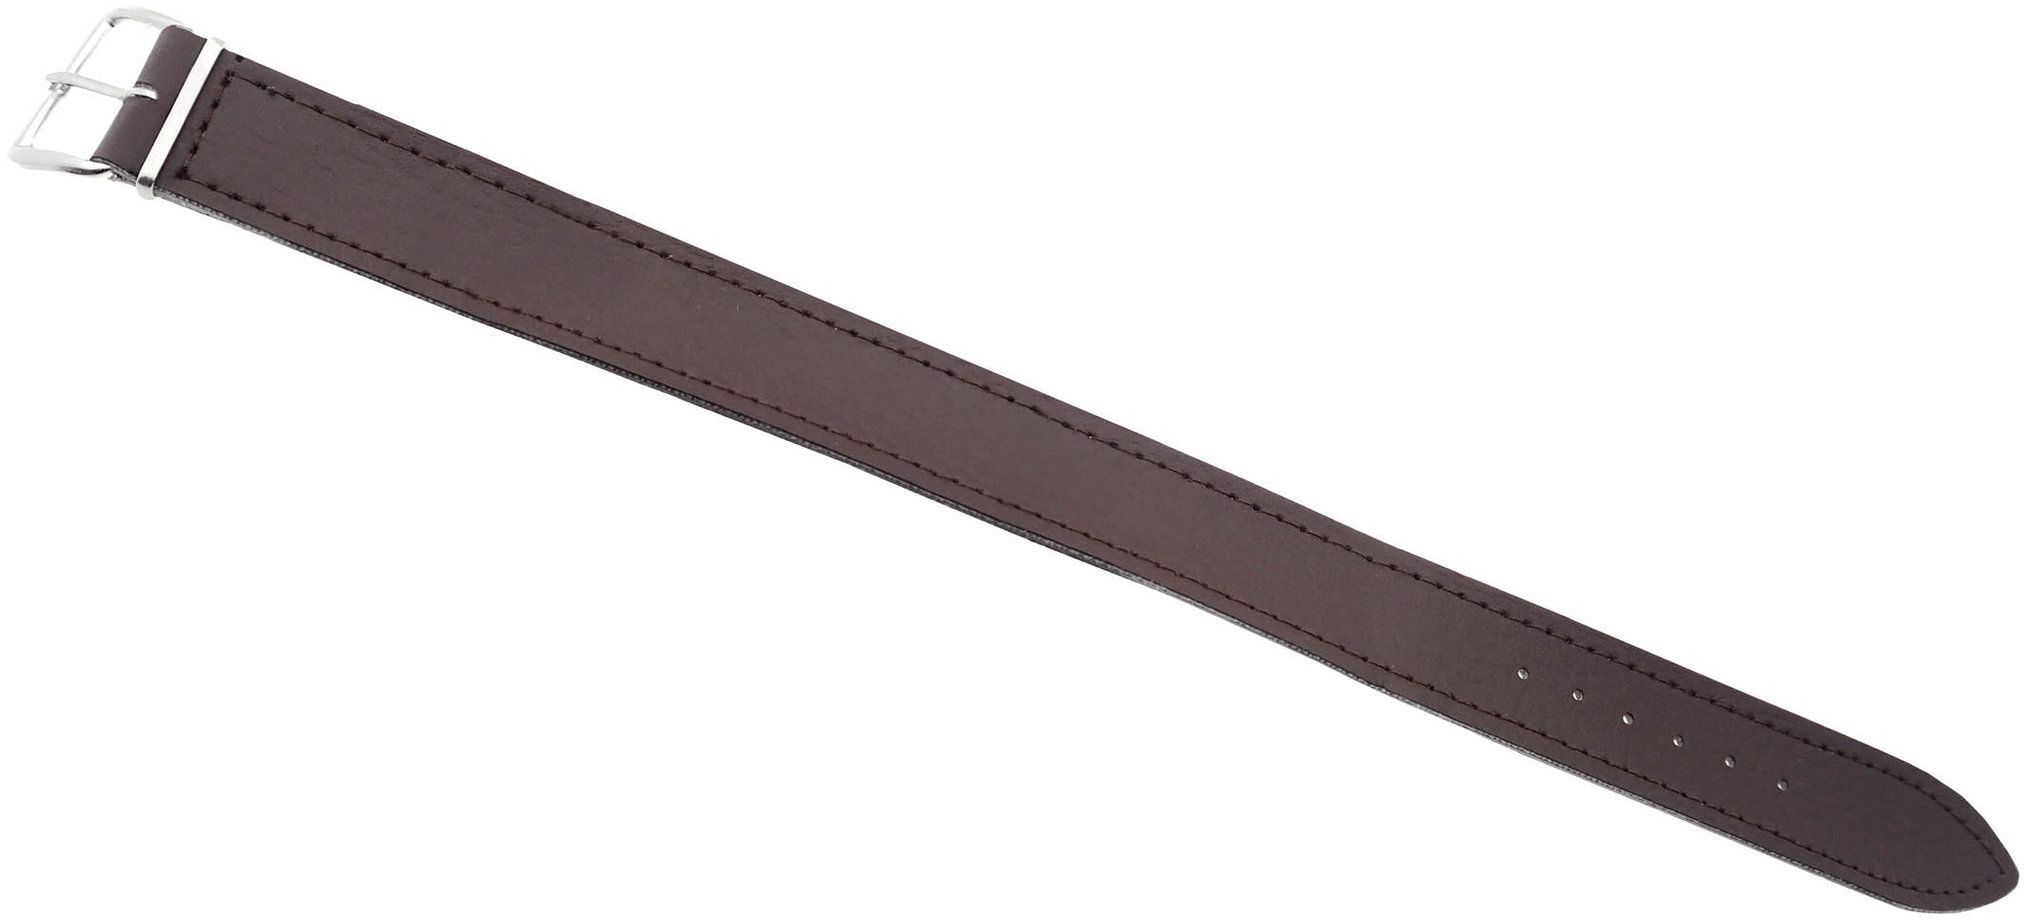 Skórzany pasek przeciągany do zegarka 18 mm brązowy